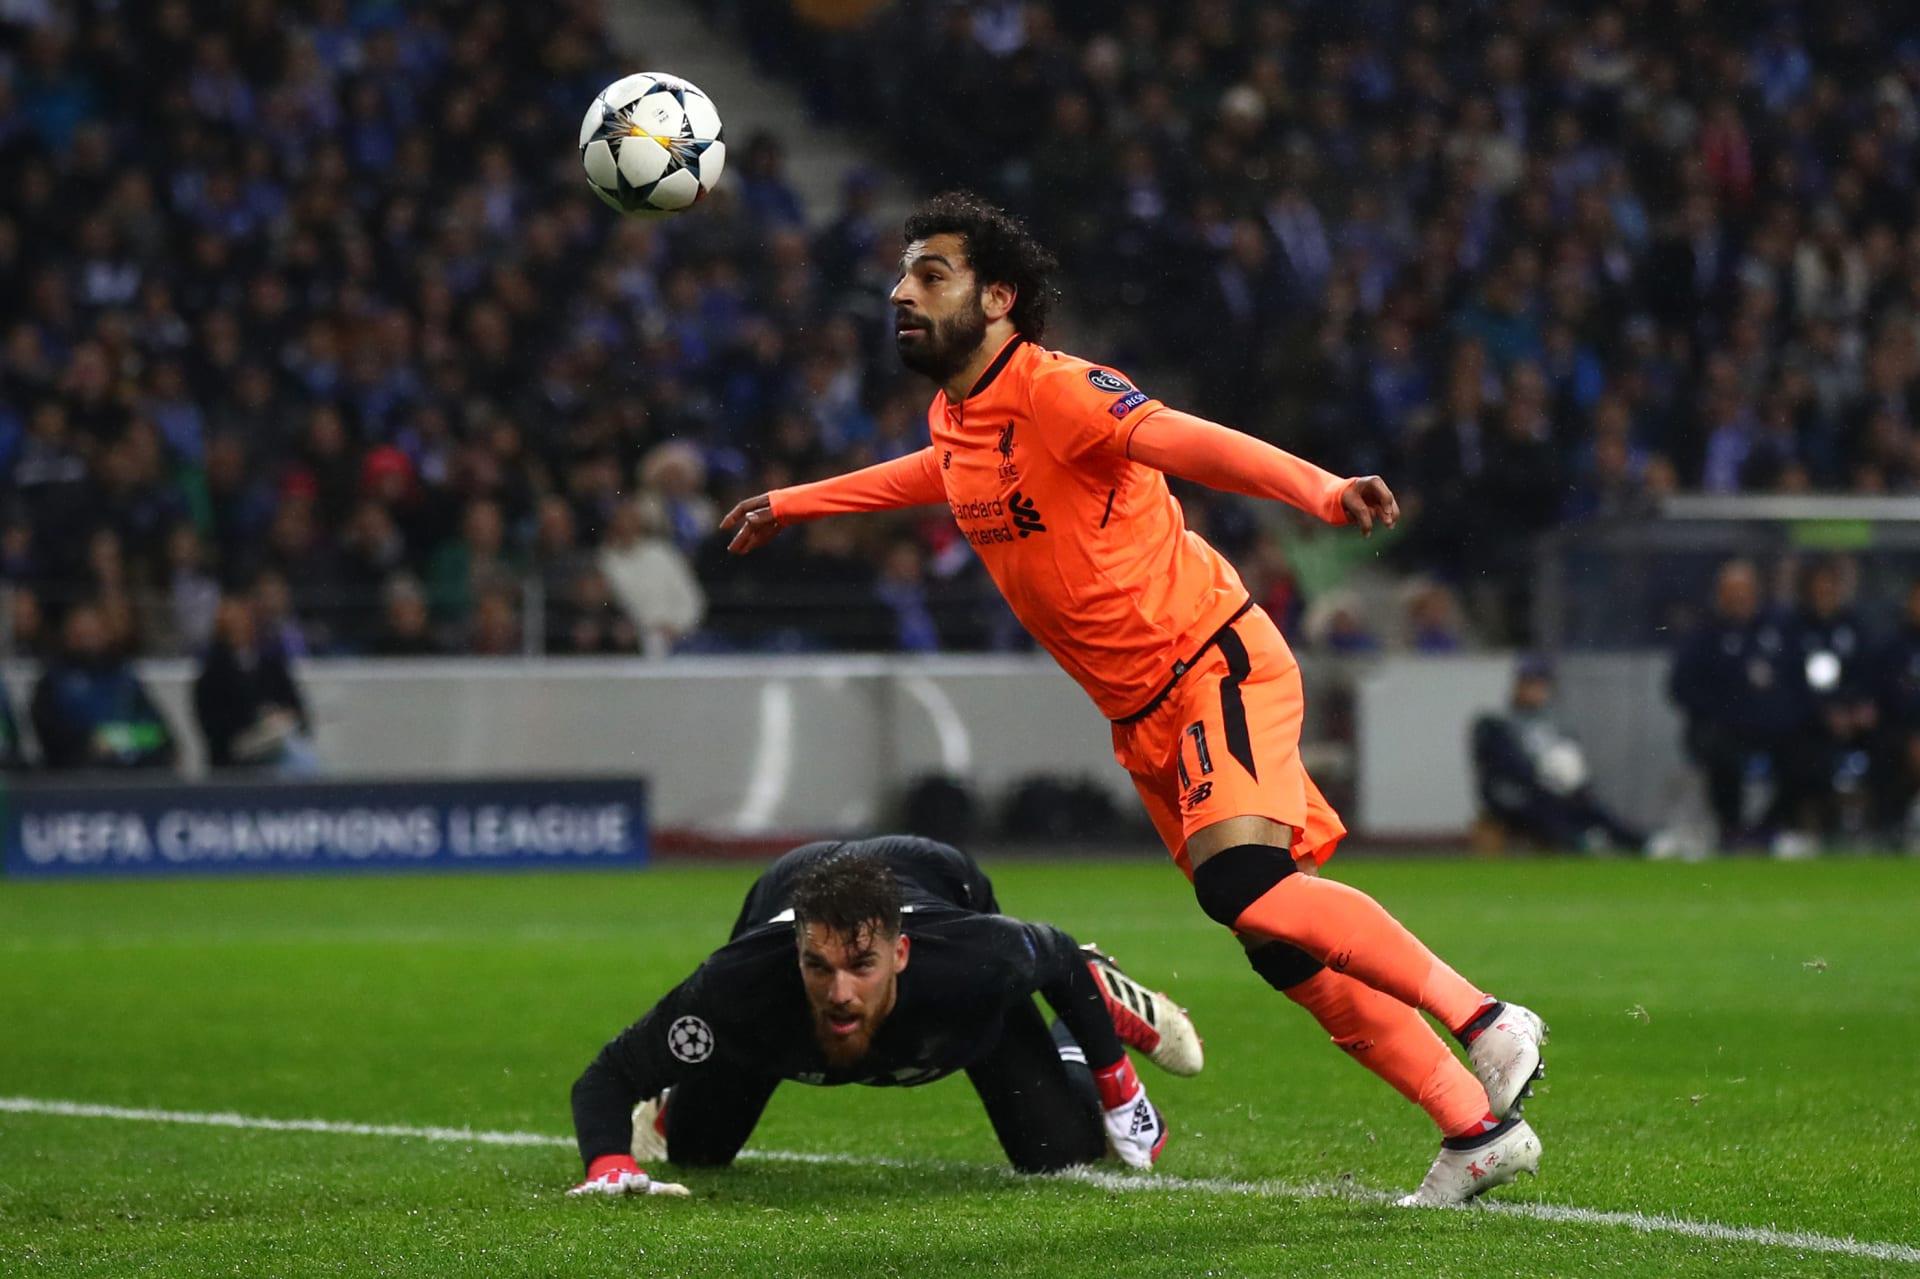 محمد صلاح لا يتوقف عن التسجيل.. وريال مدريد يقلب الطاولة على باريس سان جيرمان